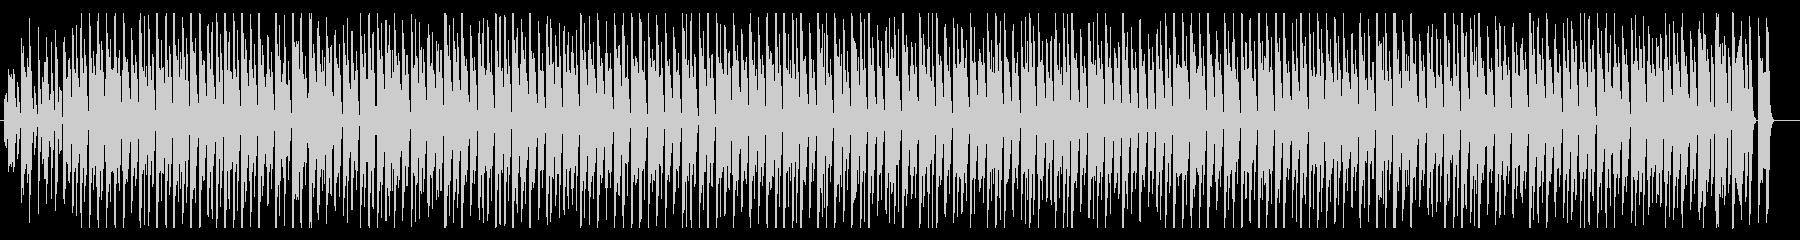 クッキング動画のBGMにの未再生の波形